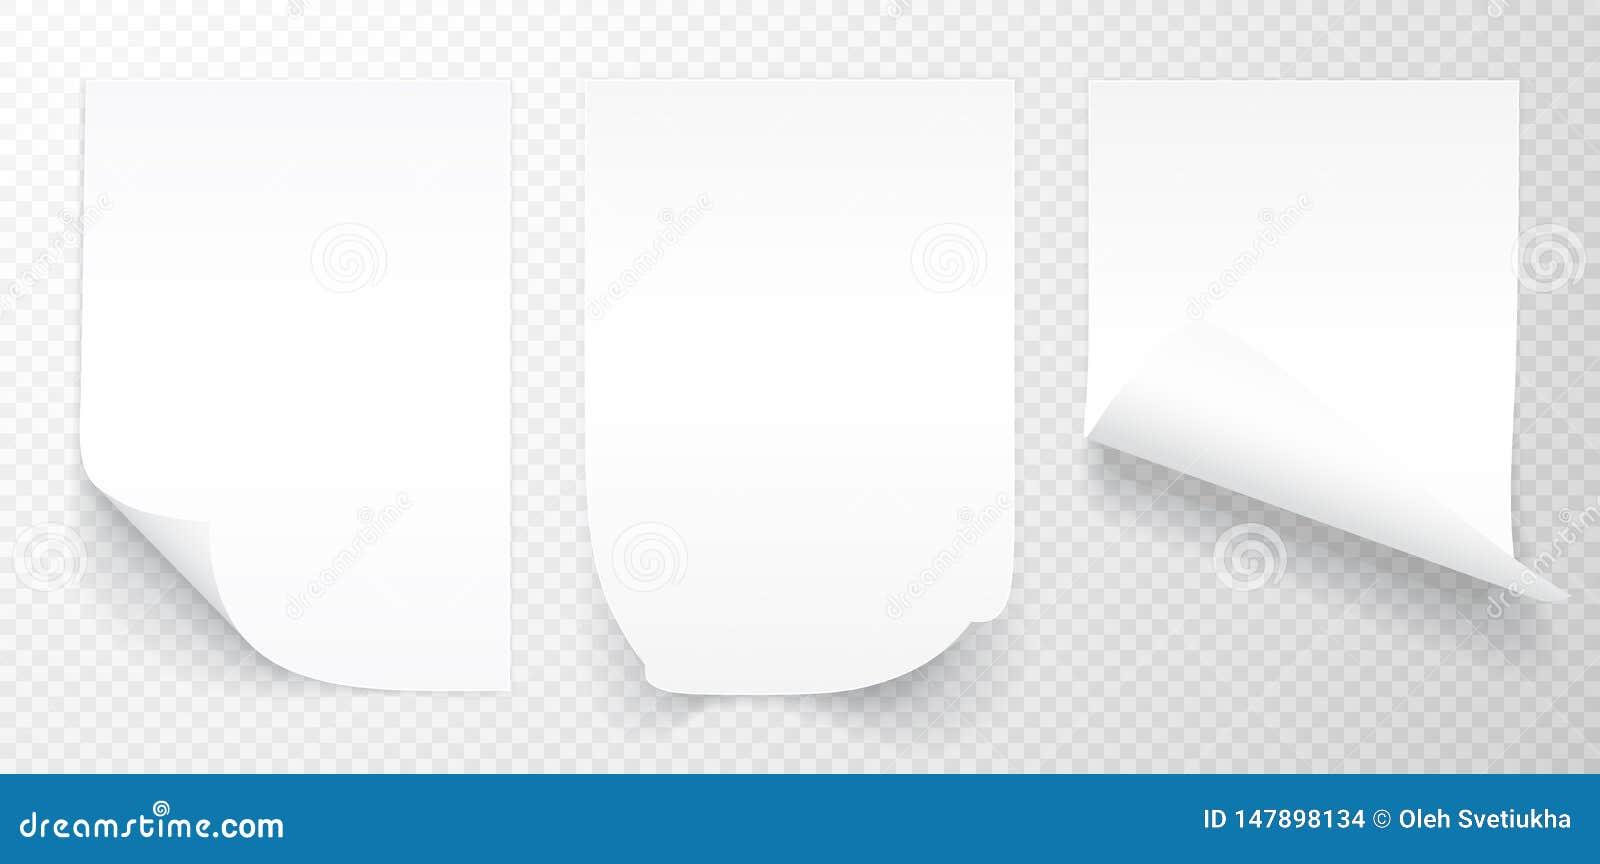 Пустой лист A4 белой бумаги с тенью, шаблоном для вашего дизайна r r